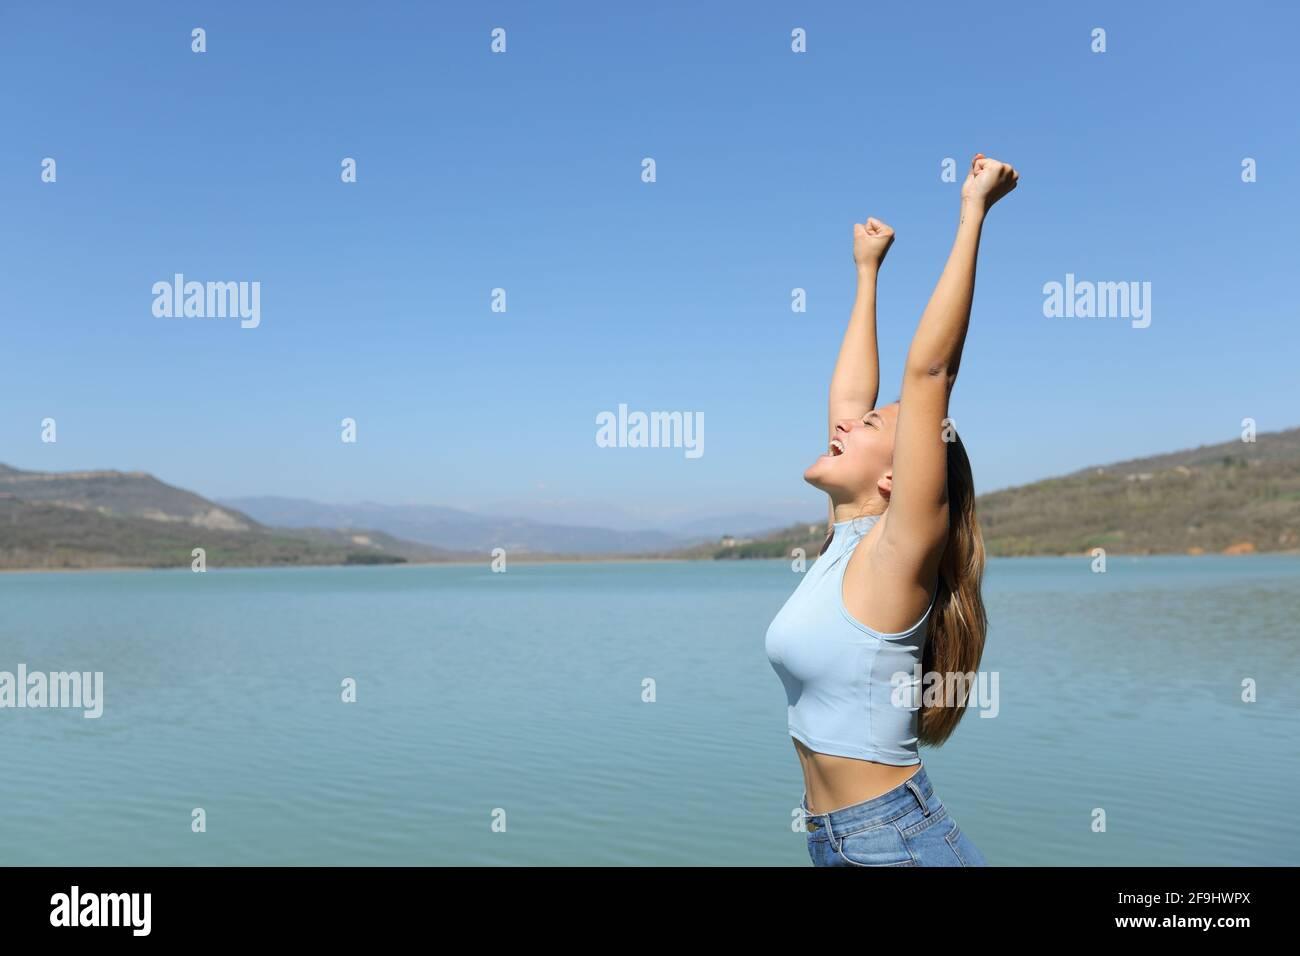 Profil d'une femme excitée célébrant des vacances dans un lac Banque D'Images